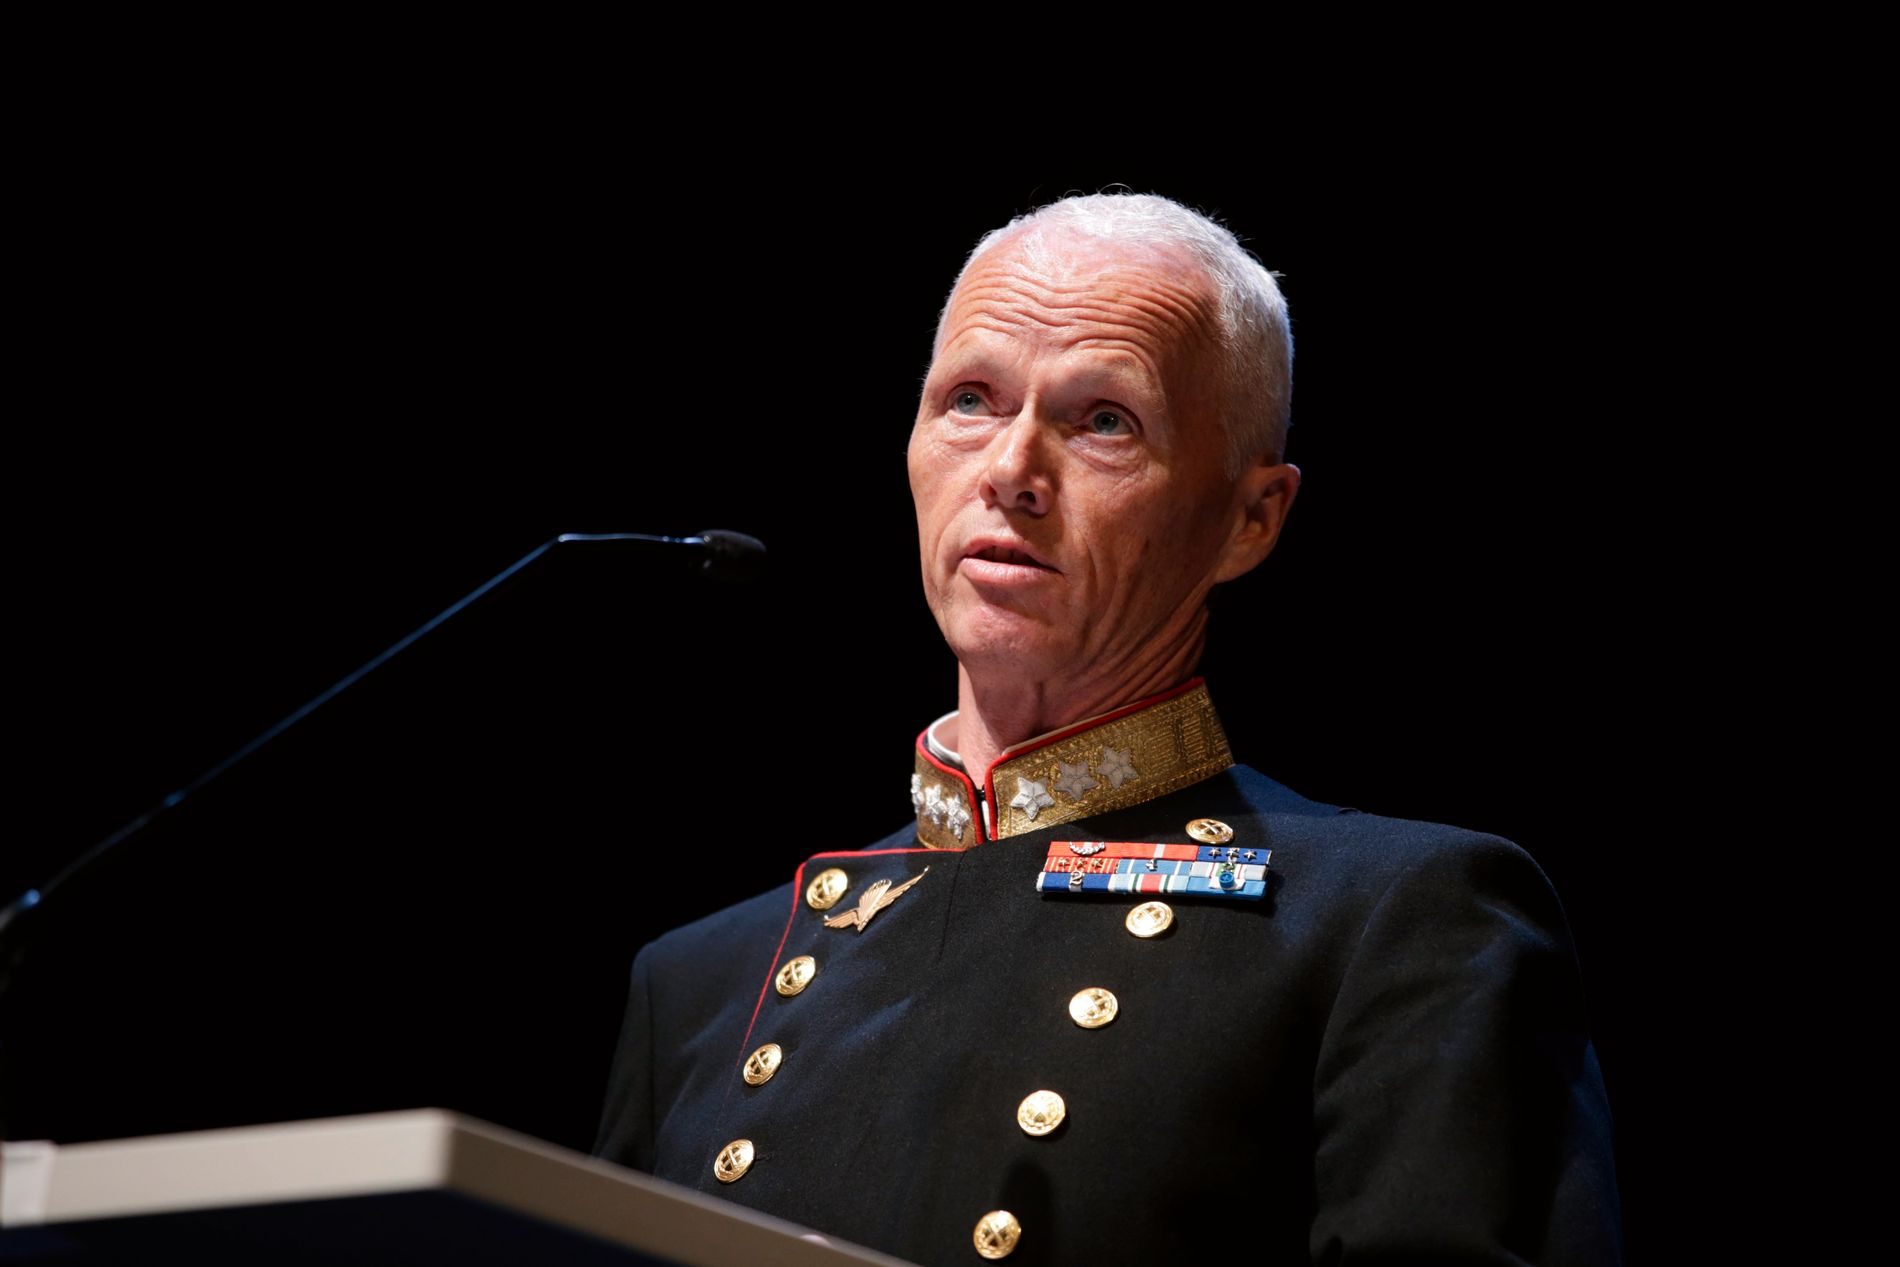 KRITISK PRISVINNER: Generalløytnant Robert Mood mottok Fritt Ords Pris for 2016 fra styreleder Georg Fredrik Rieber-Mohn på Operaen i Oslo tirsdag kveld.